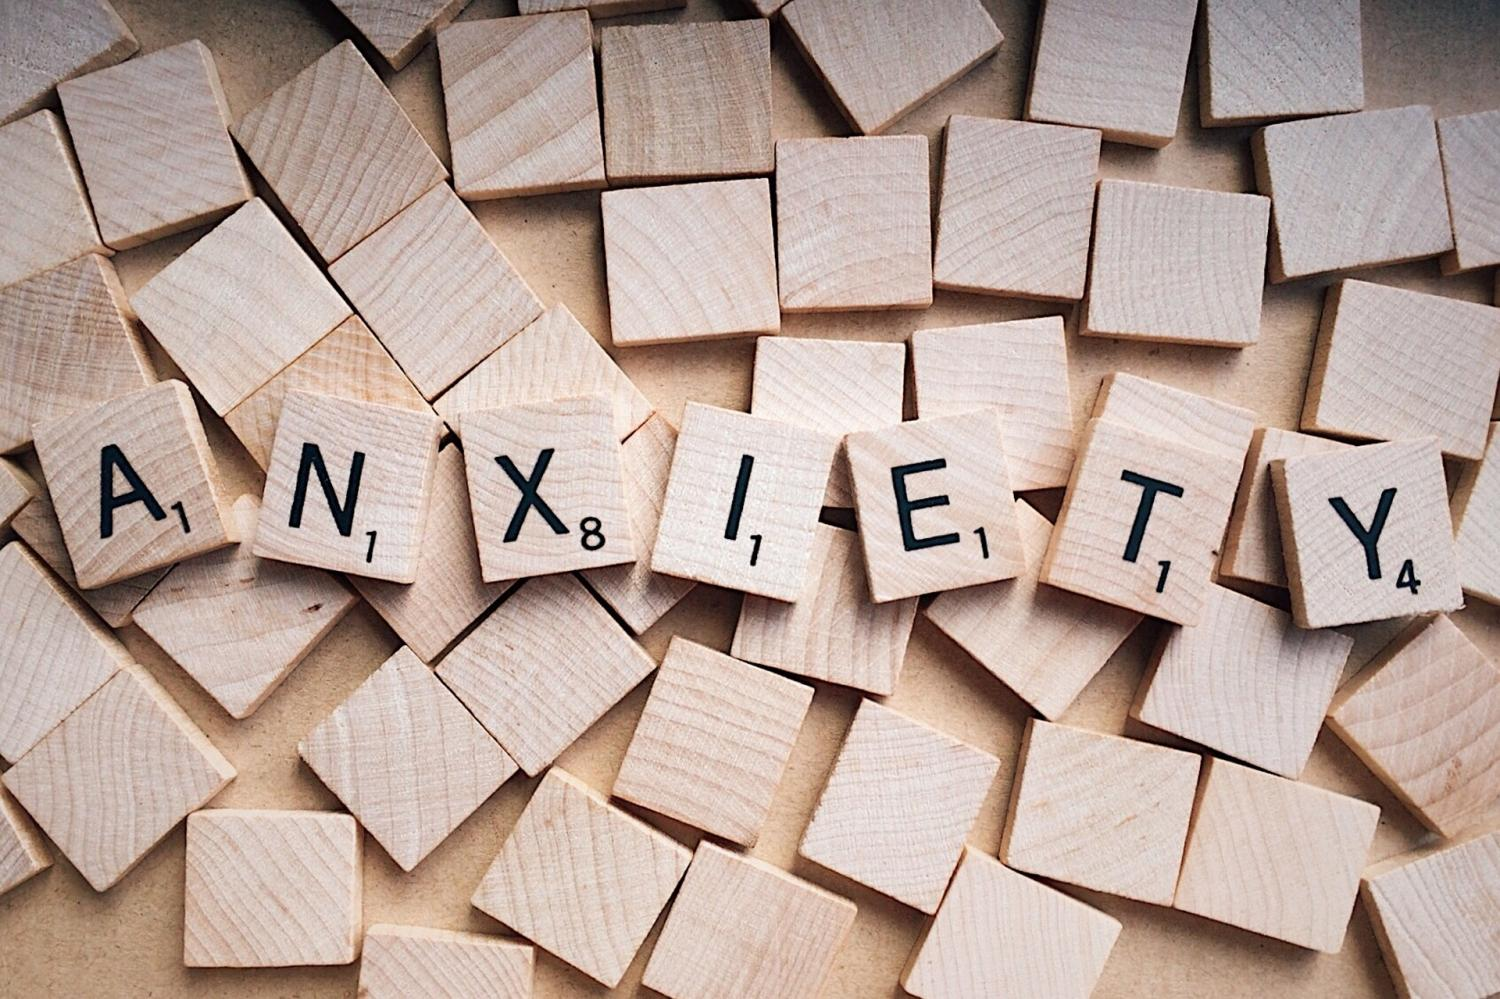 Forschung zeigt, benötigen, um sicherzustellen, Medikament, Studien für Angststörungen erfolgt bei geeigneten Patienten